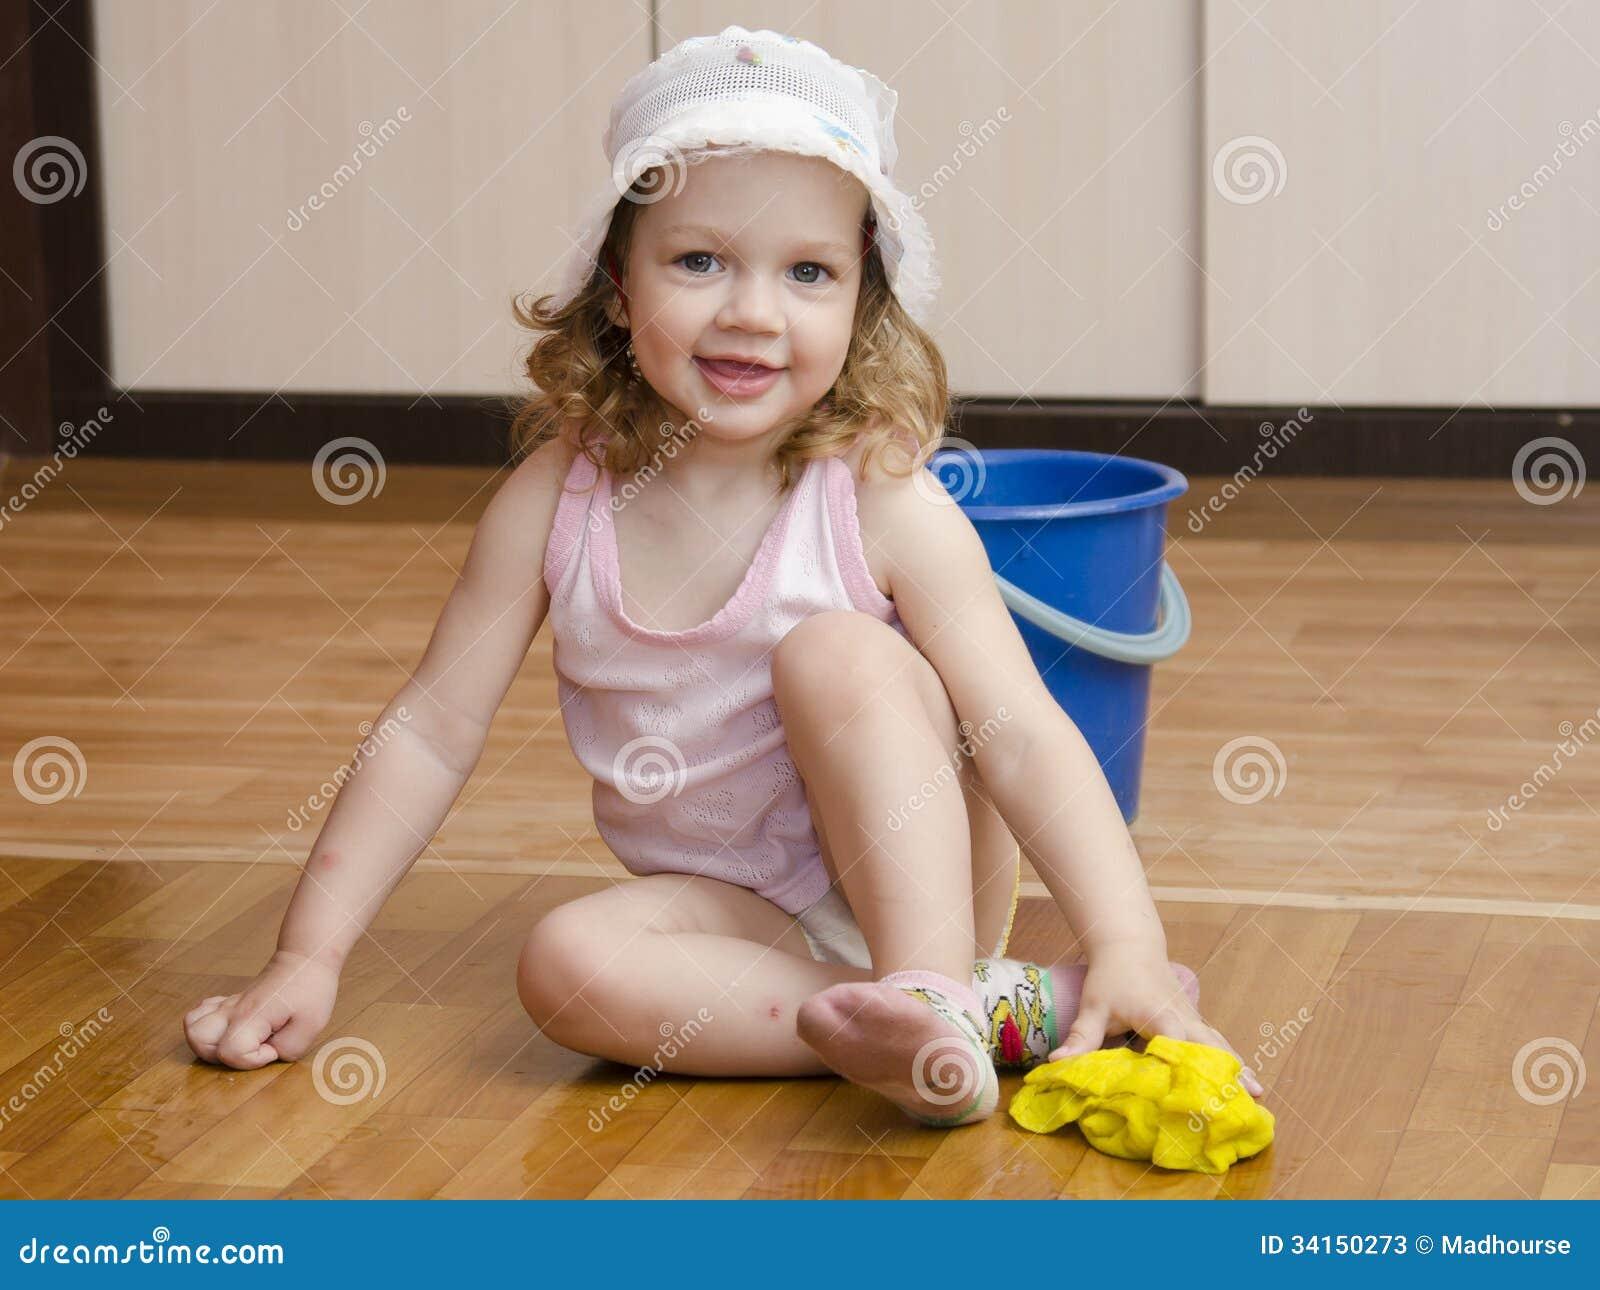 Little Girl Wash Rag Floors Stock Image - Image of bucket ...